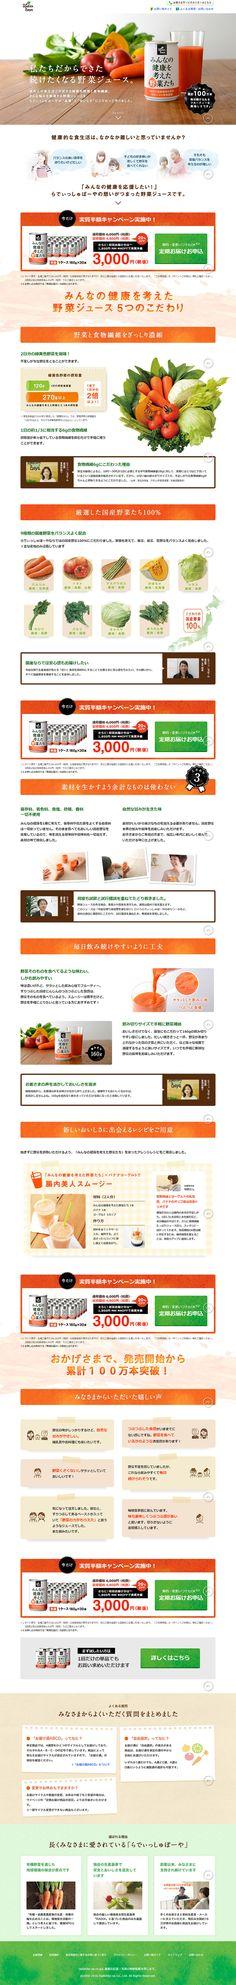 みんなの健康を考えた野菜たち【飲料・お酒関連】のLPデザイン。WEBデザイナーさん必見!ランディングページのデザイン参考に(健康・癒し系)